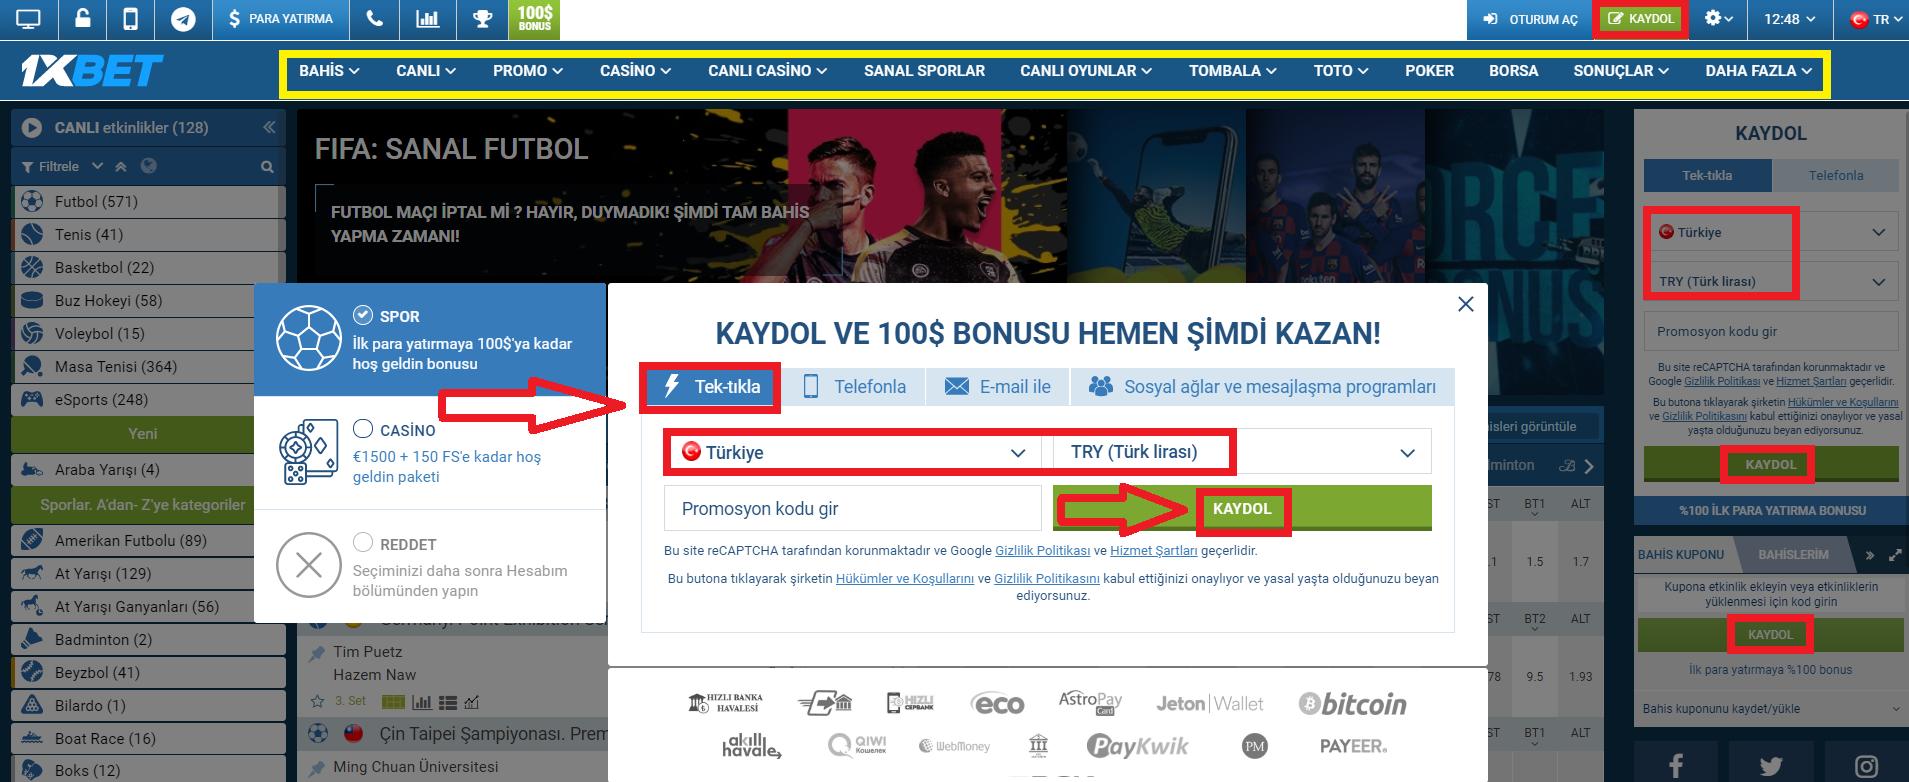 1xBet Türkiye Bonusları